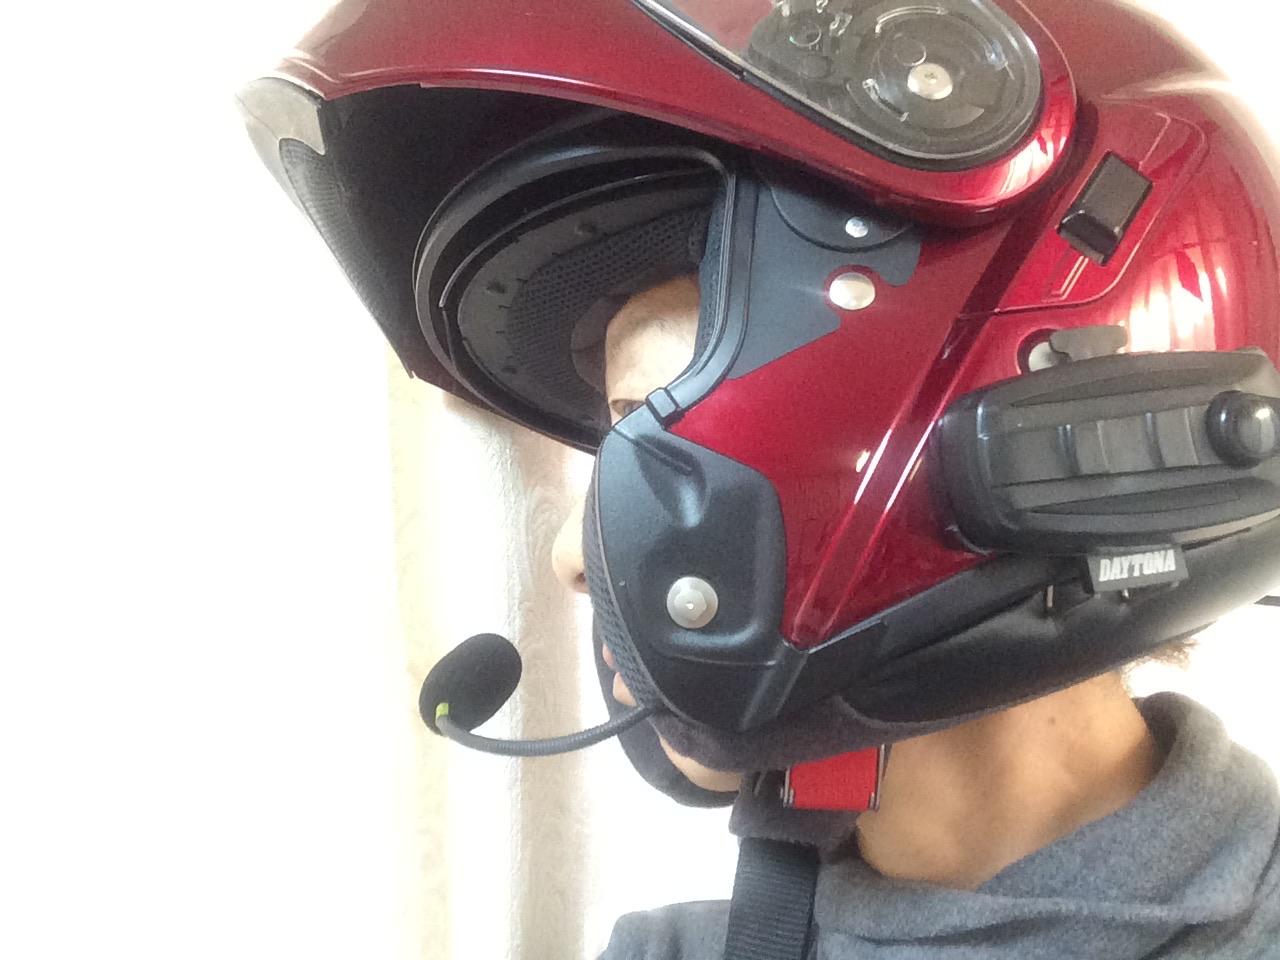 ツーリングが10倍楽しい! バイク用インカム デイトナ クールロボGTを使ってみた体験談